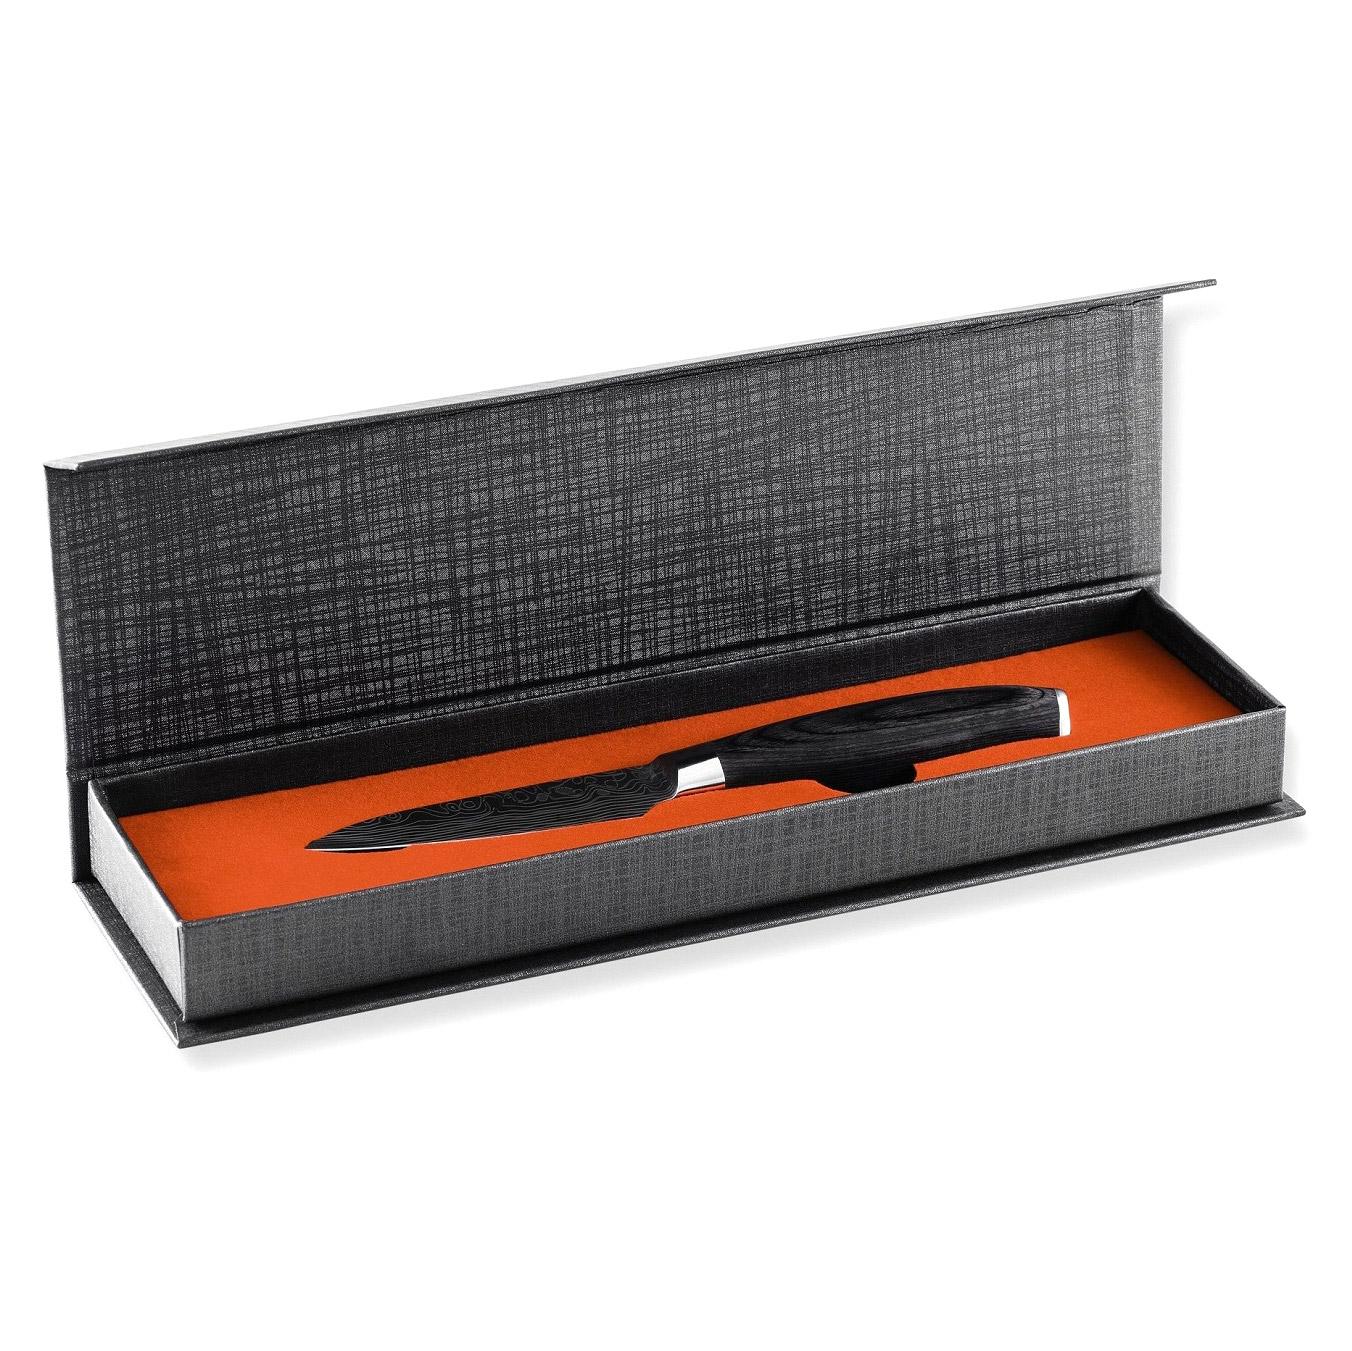 Нож для овощей Gipfel Barocco 9 см нож для овощей gipfel barocco 9 см